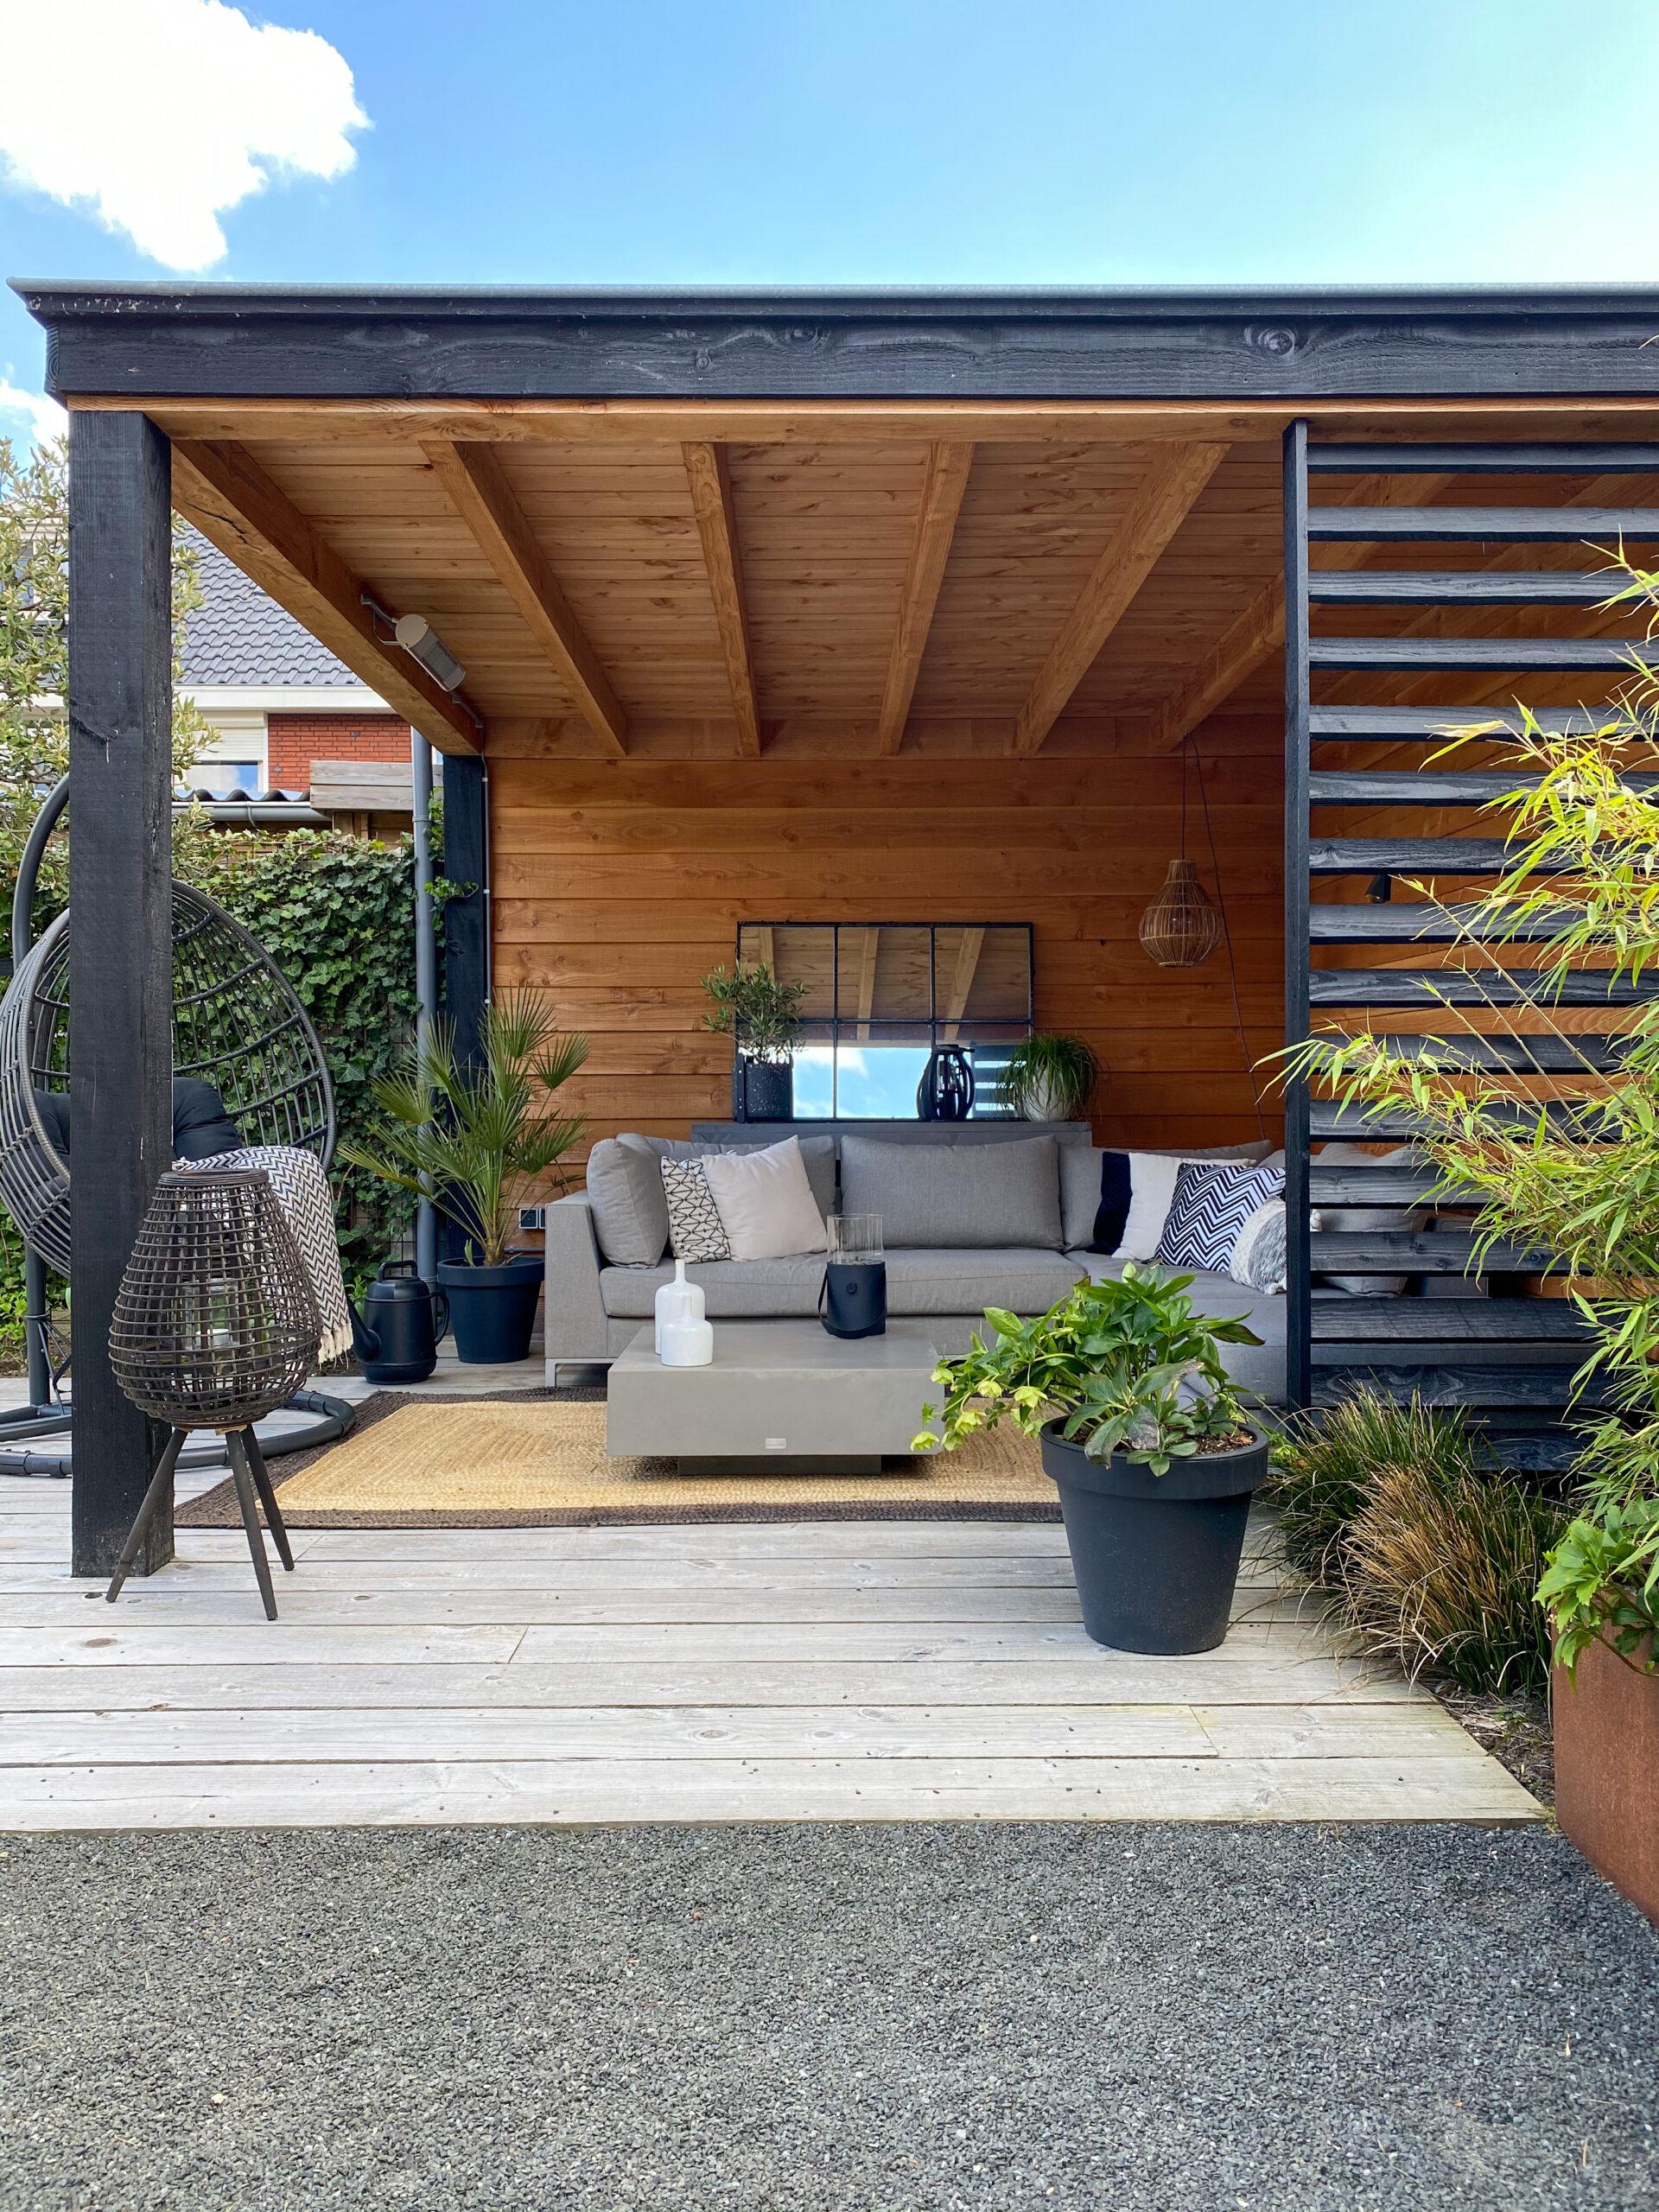 tuinkamer met loungeset en cortenstaal bak met bamboe